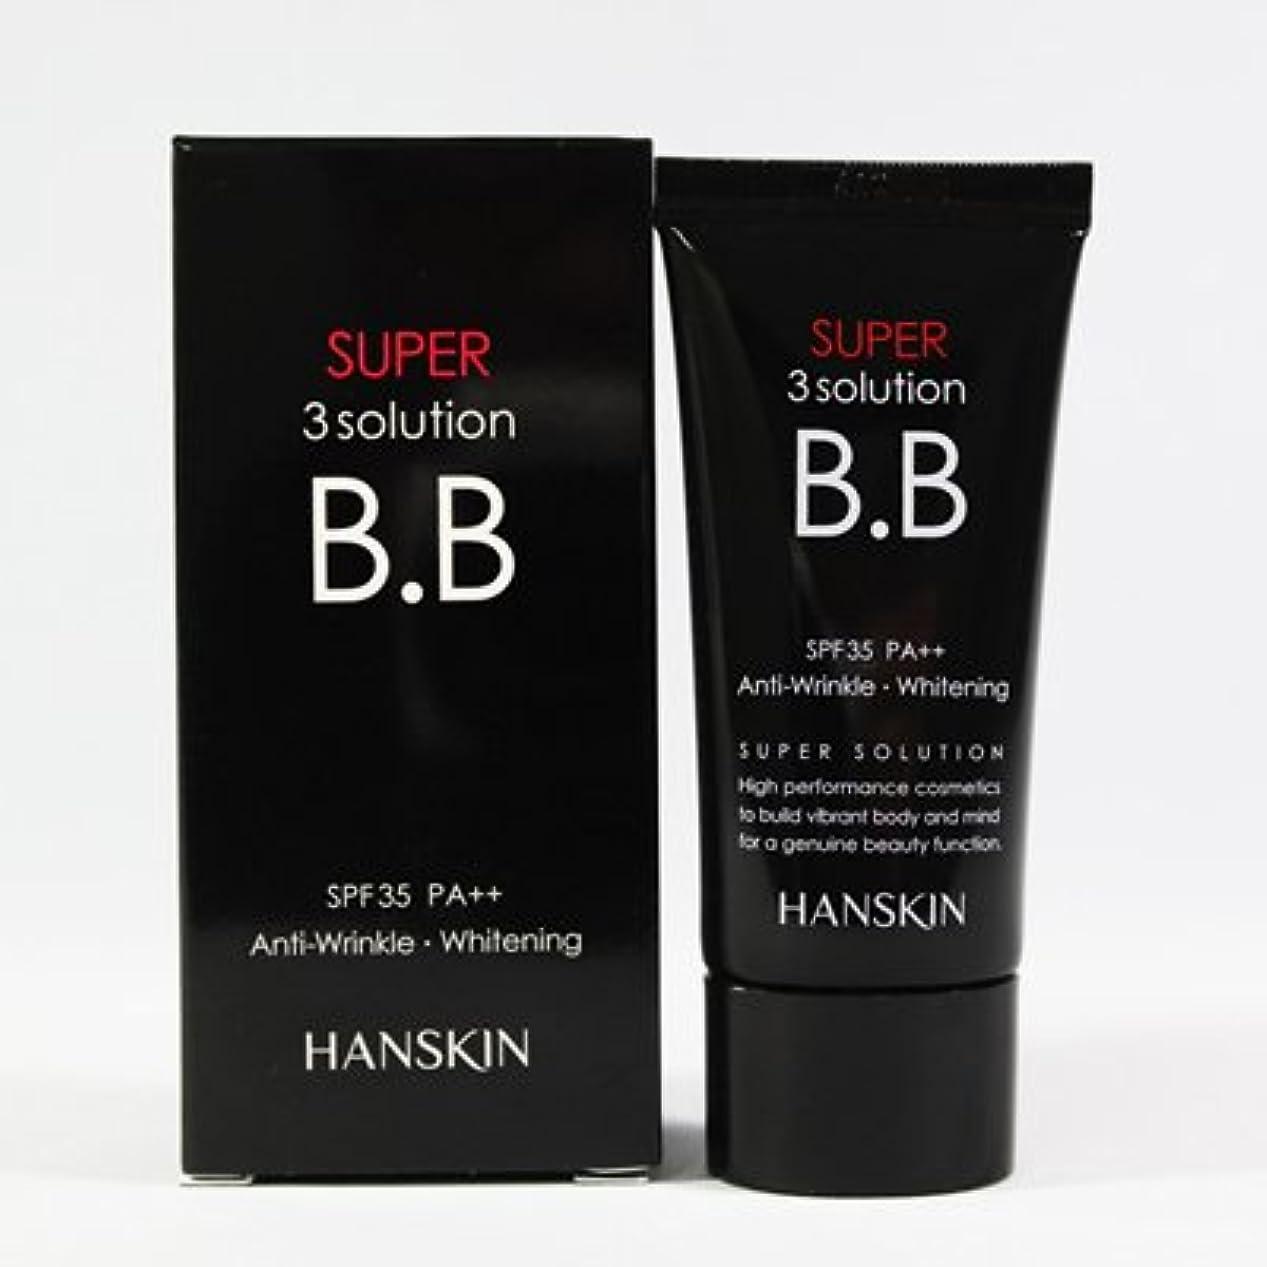 満州時刻表スライムHANSKIN ハンスキン スーパー3ソリューションBBクリーム(30g)